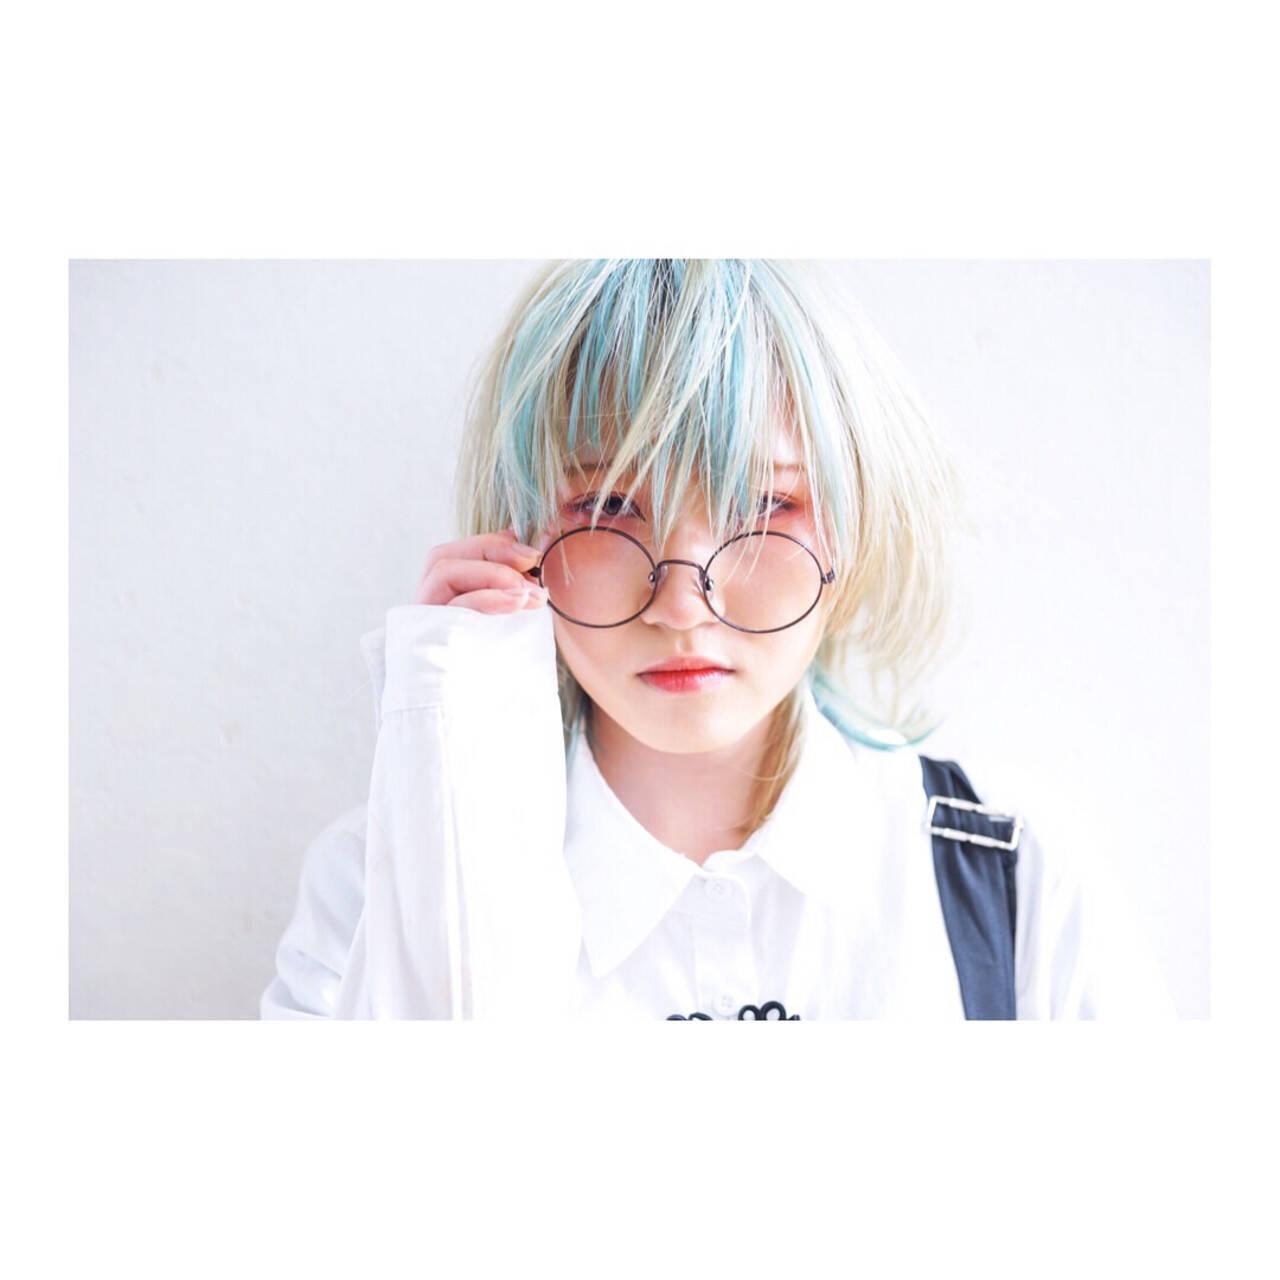 セミロング モード ハイトーンカラー ウルフカットヘアスタイルや髪型の写真・画像